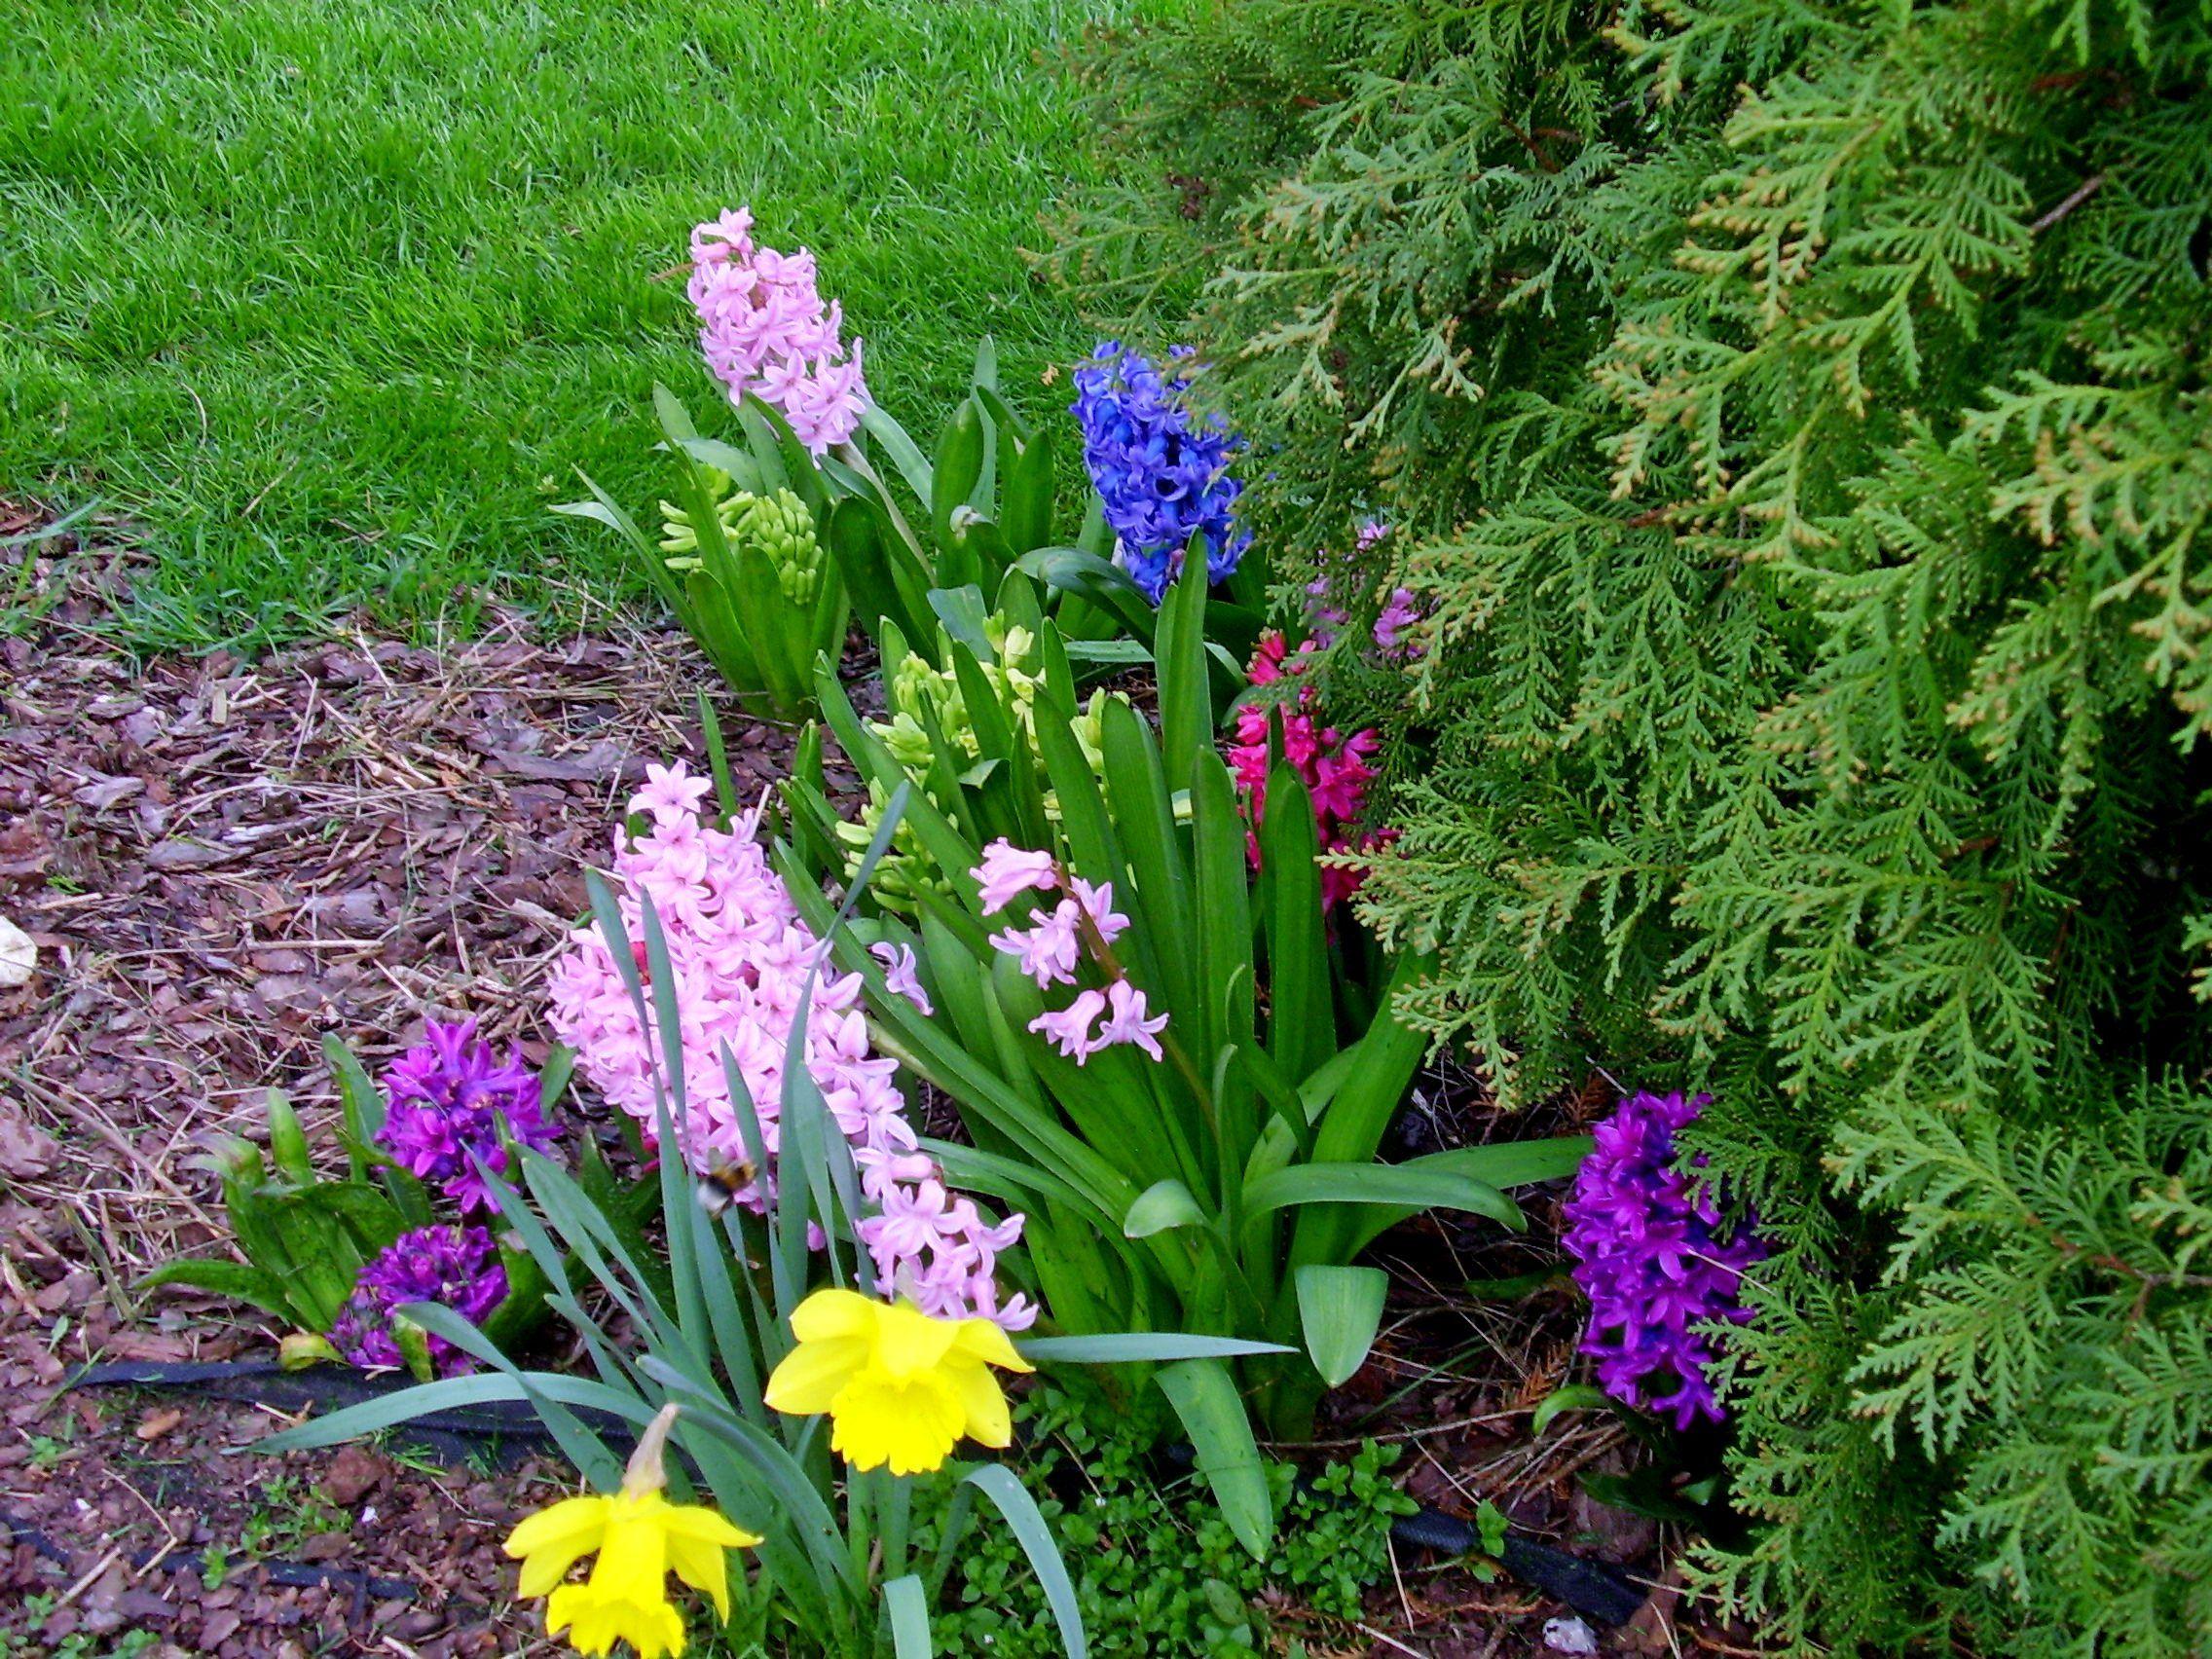 Wiosna W Ogrodzie Ogrody Przydomowe Kielce Plants Spring